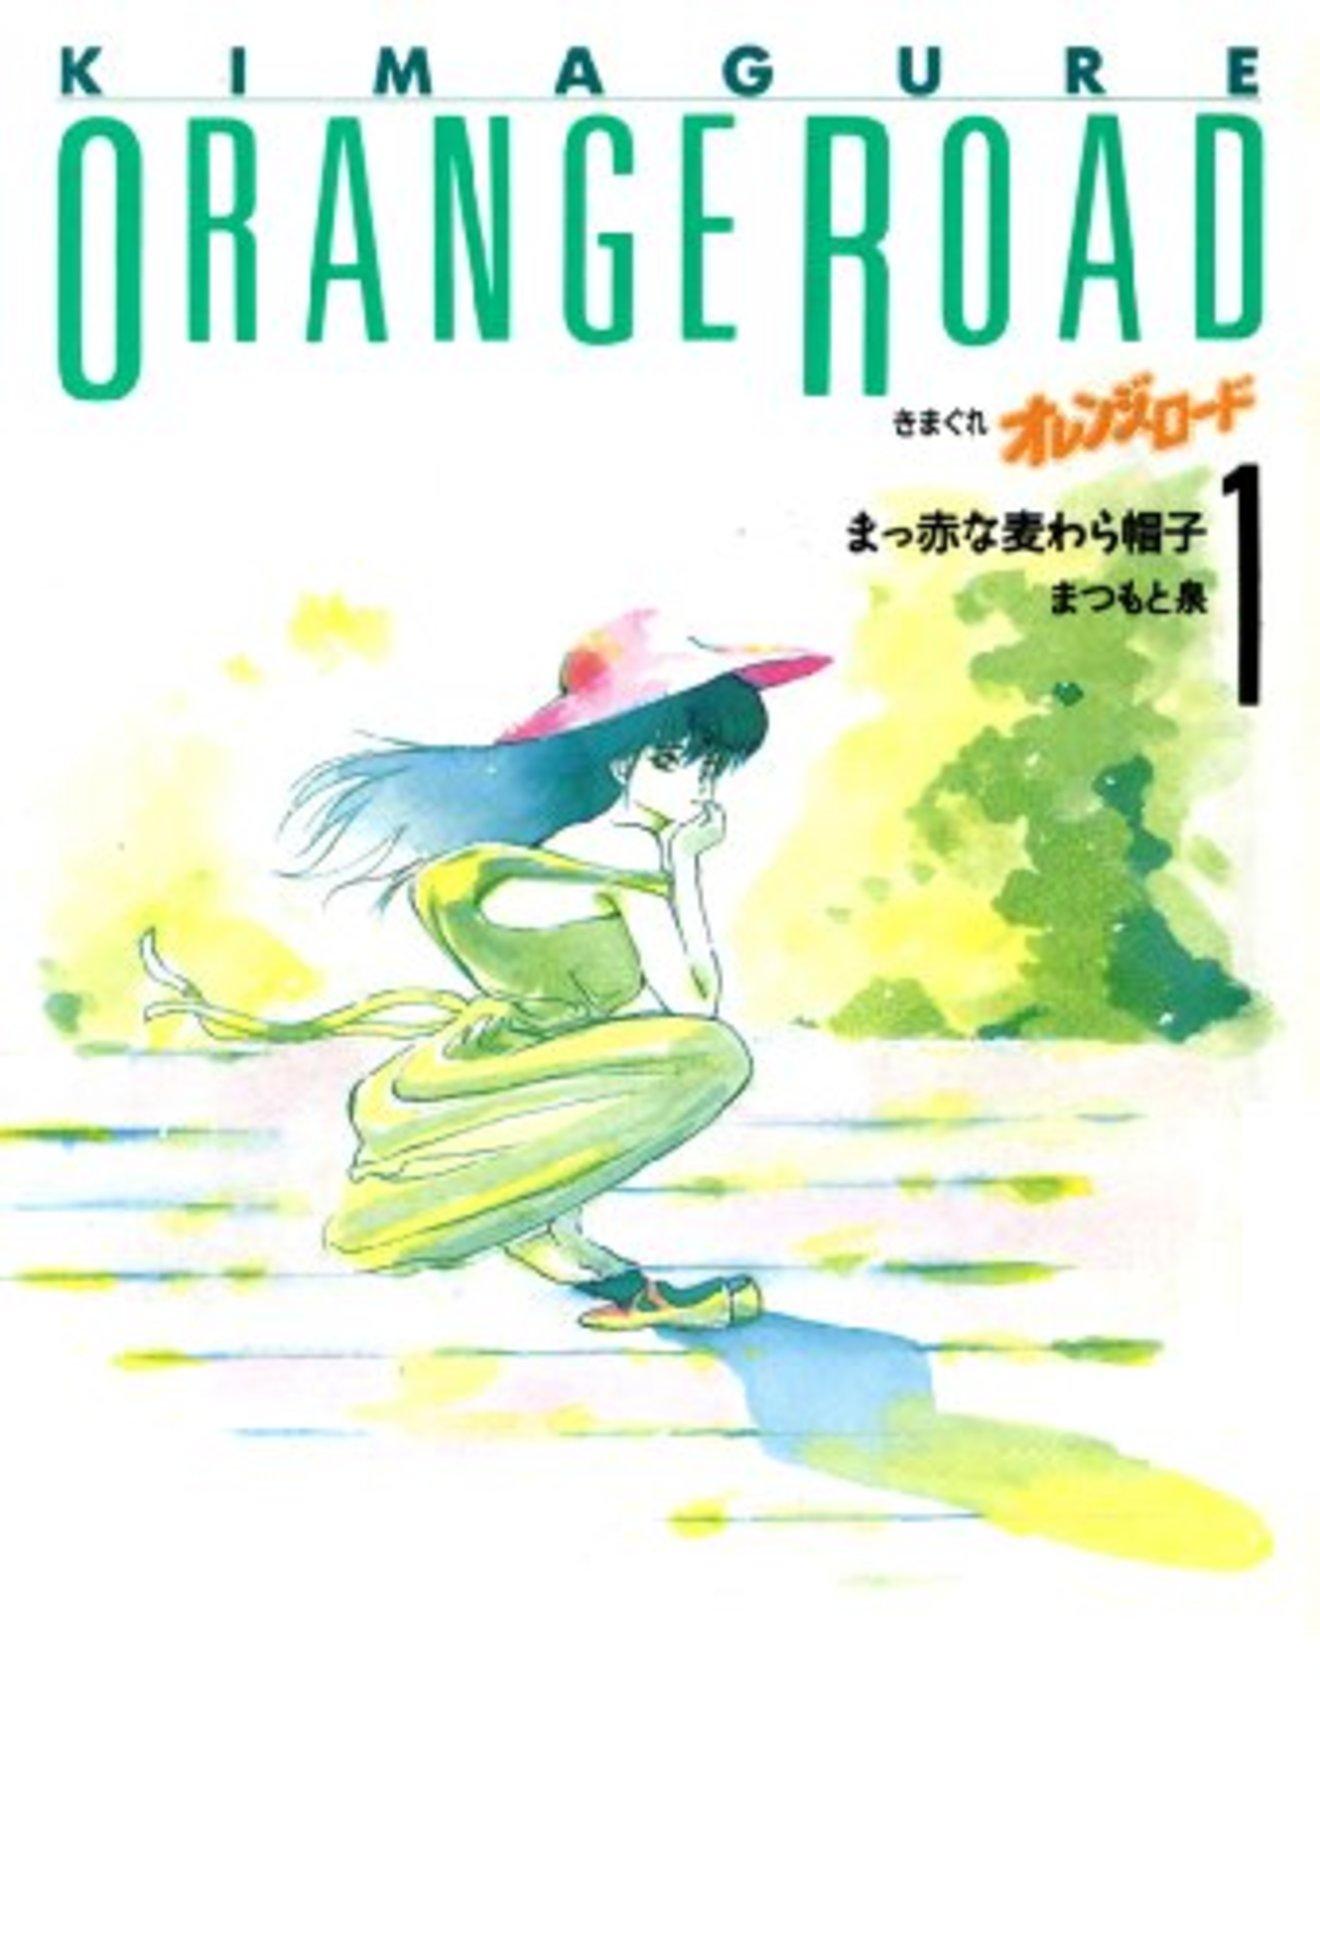 『きまぐれオレンジ★ロード』のヒロイン徹底比較!名作青春漫画が無料!